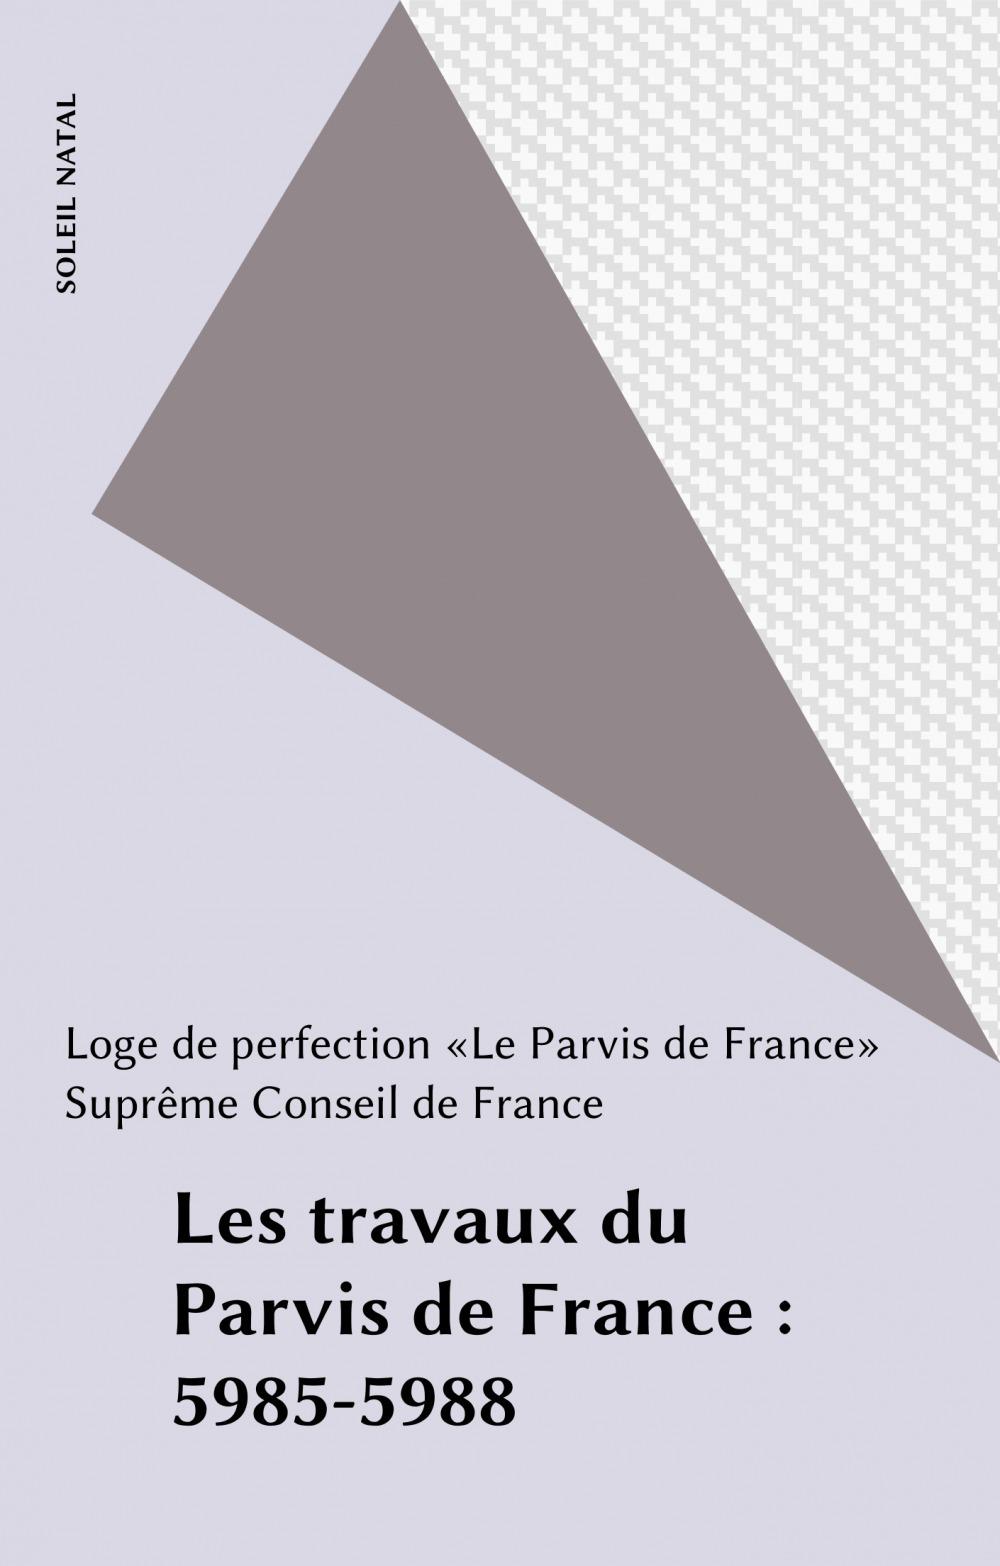 Les travaux du Parvis de France : 5985-5988